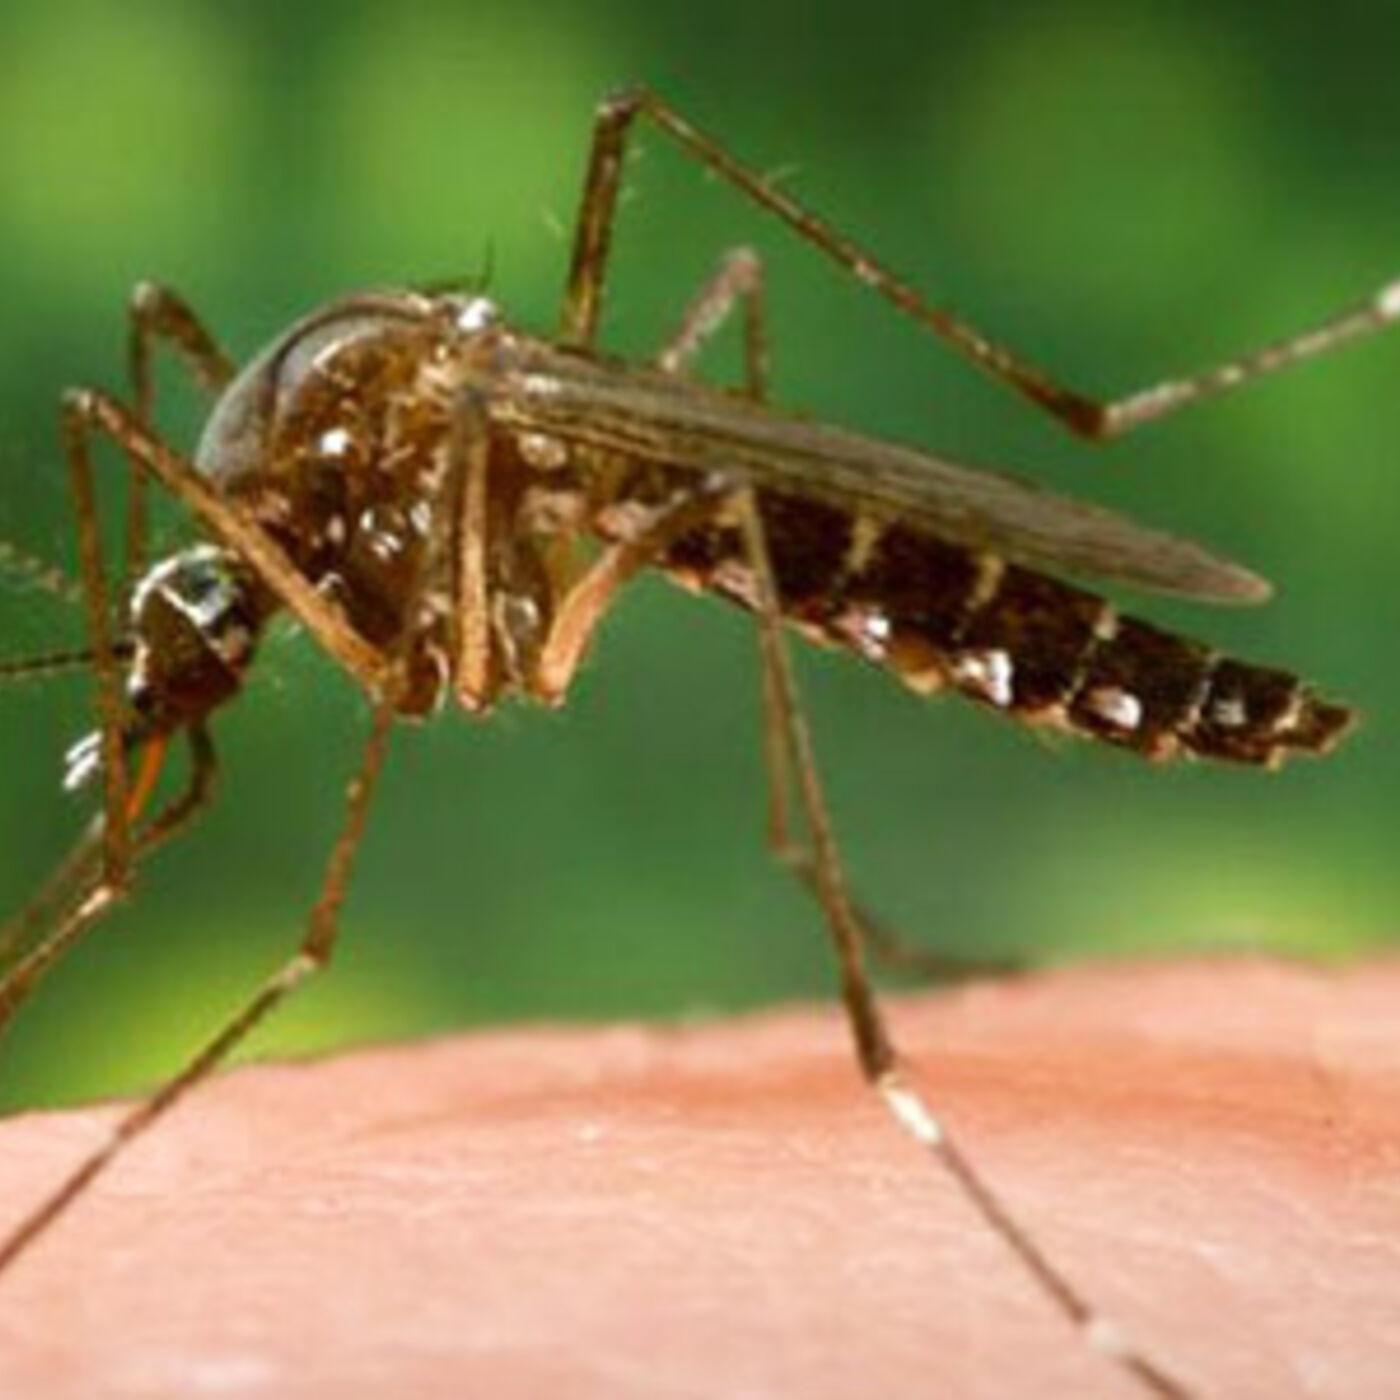 Dangers of GMO Mosquitoes